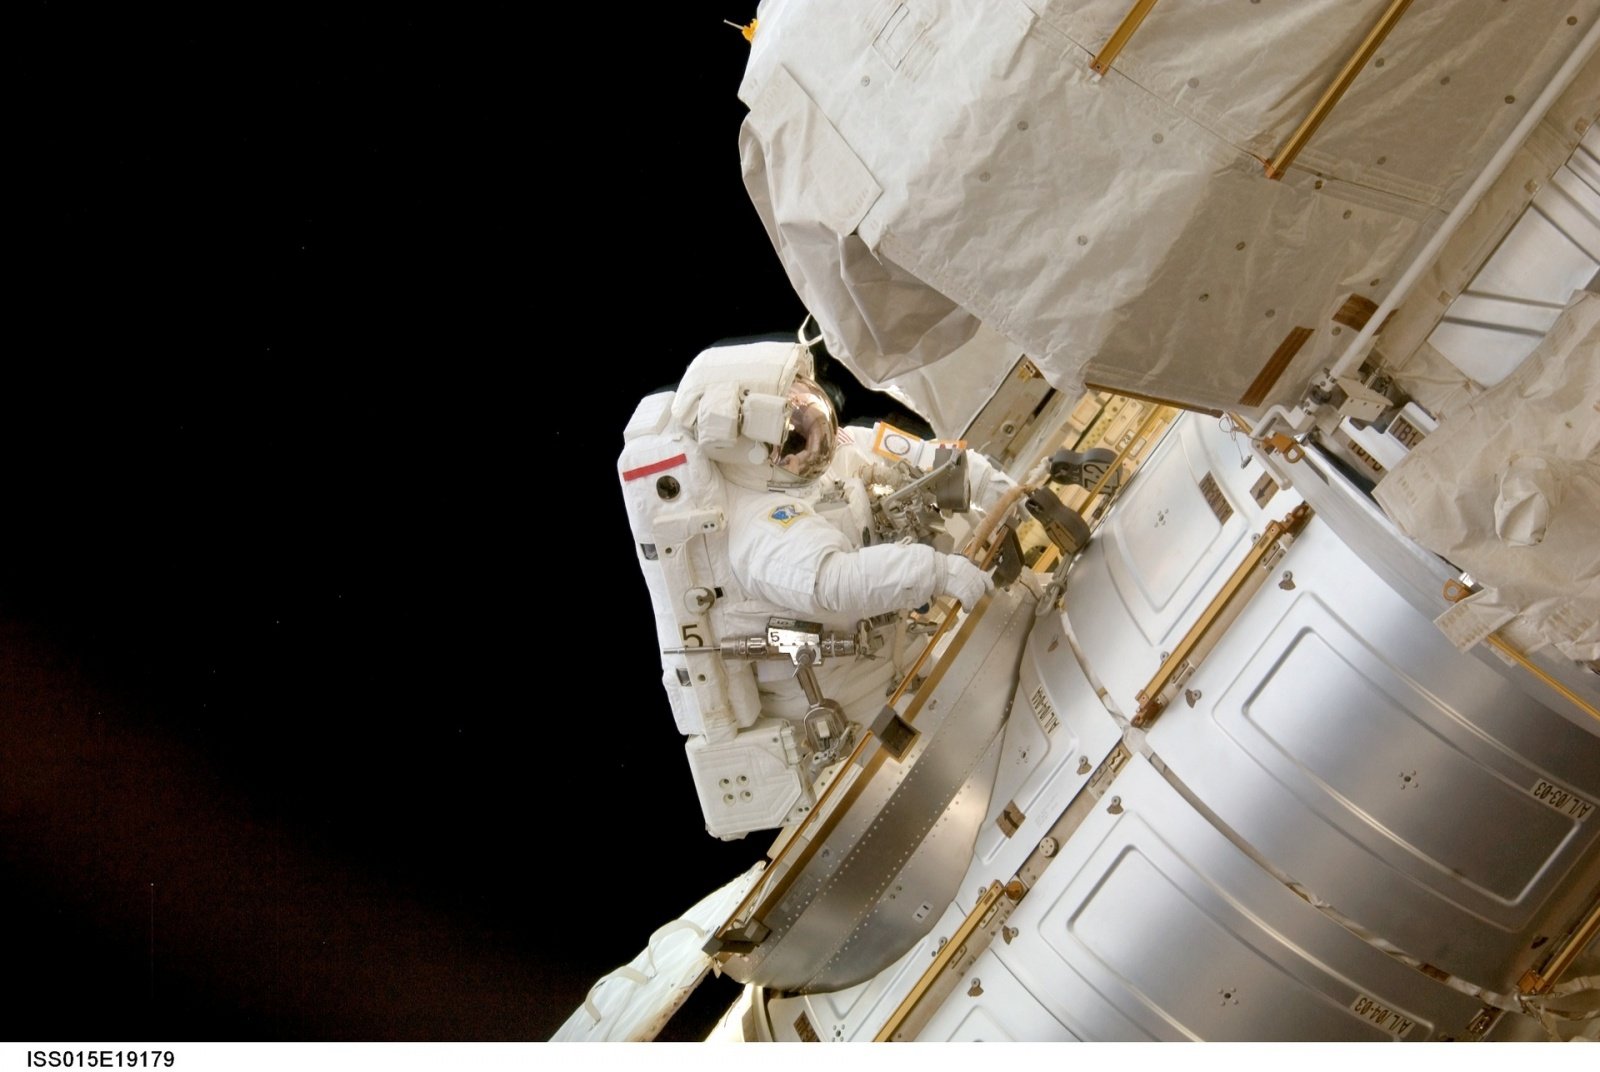 Как в НАСА виртуальная реальность помогает не уплыть в открытый космос - 2